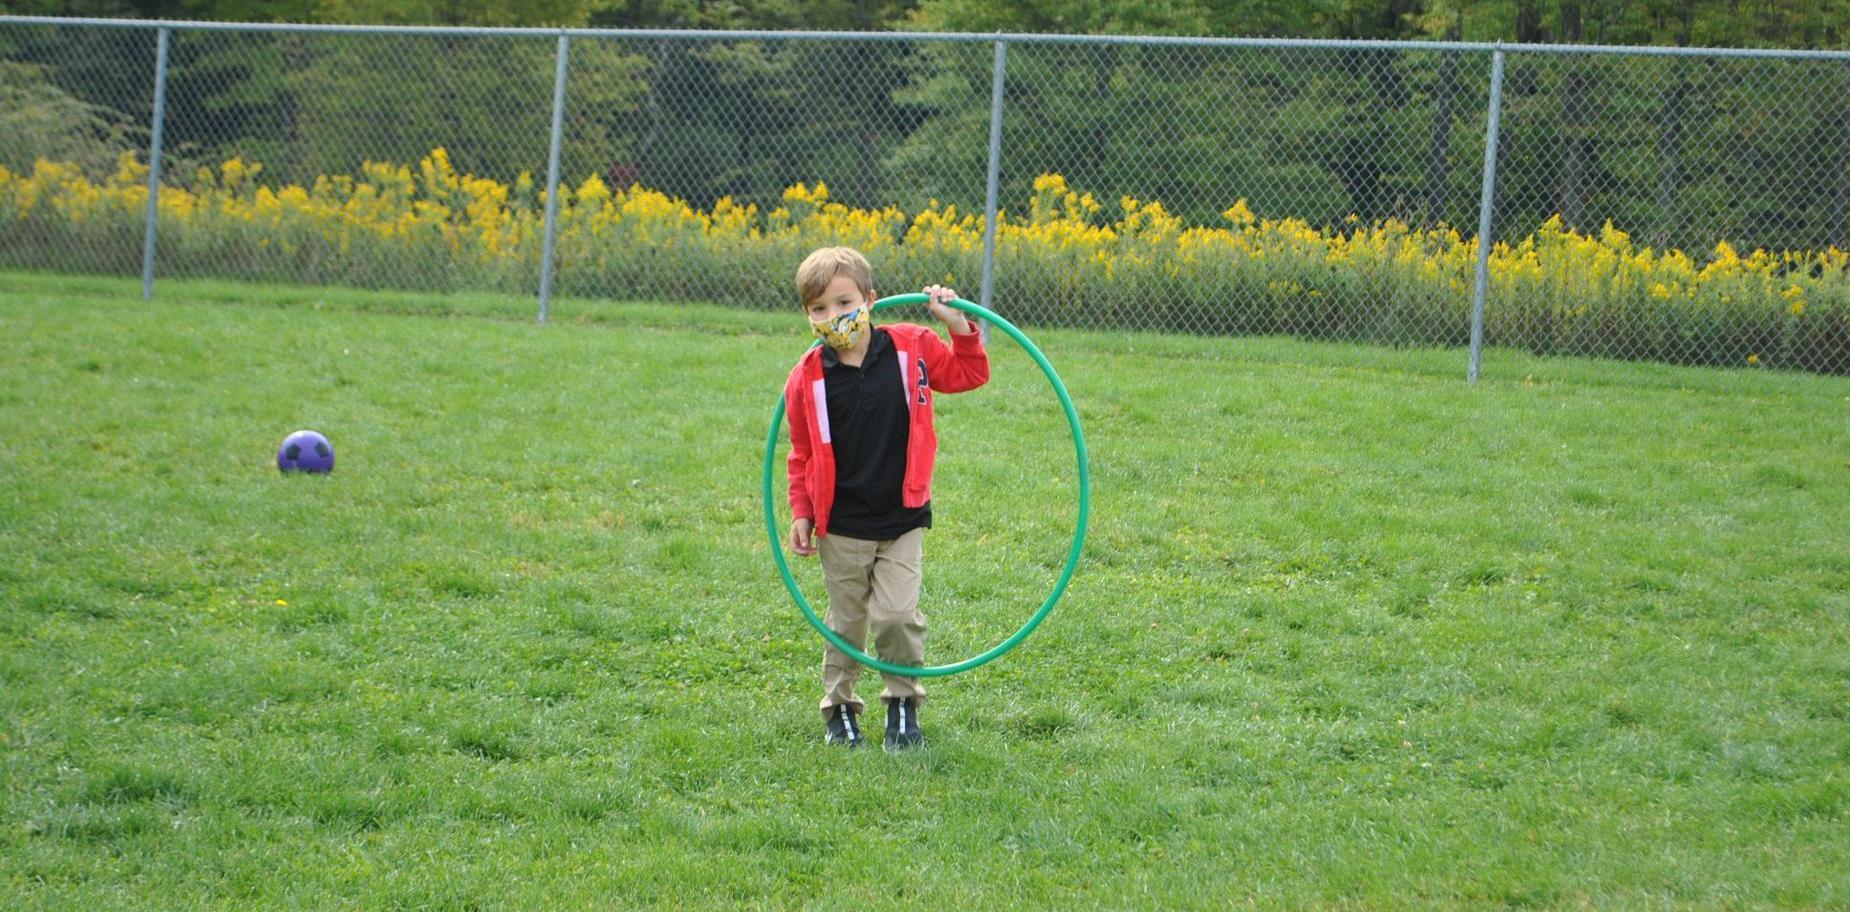 student playing at recess